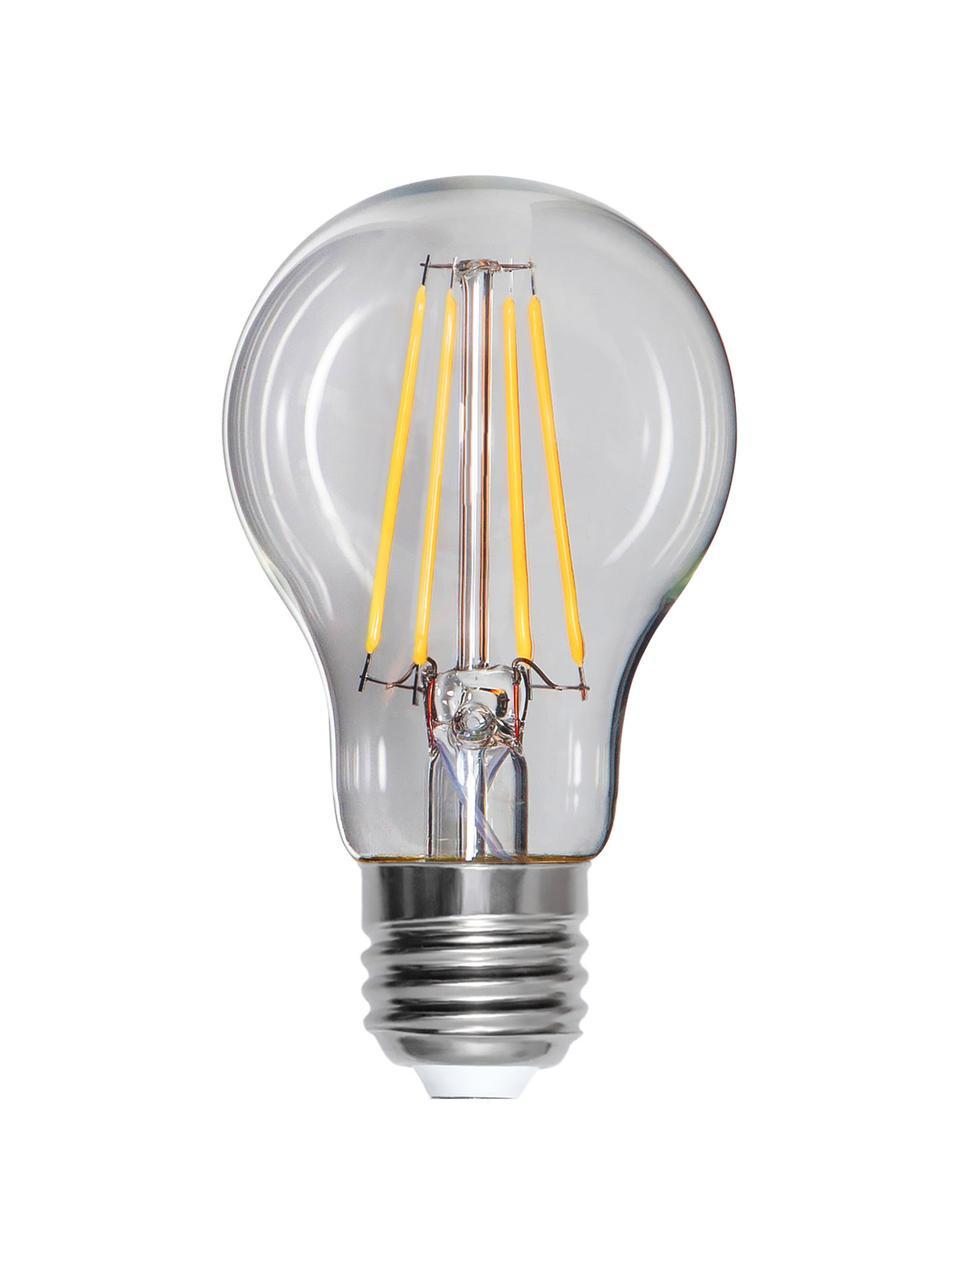 E27 Leuchtmittel, 8W, dimmbar, warmweiß, 1 Stück, Leuchtmittelschirm: Glas, Leuchtmittelfassung: Aluminium, Transparent, Ø 6 x H 11 cm